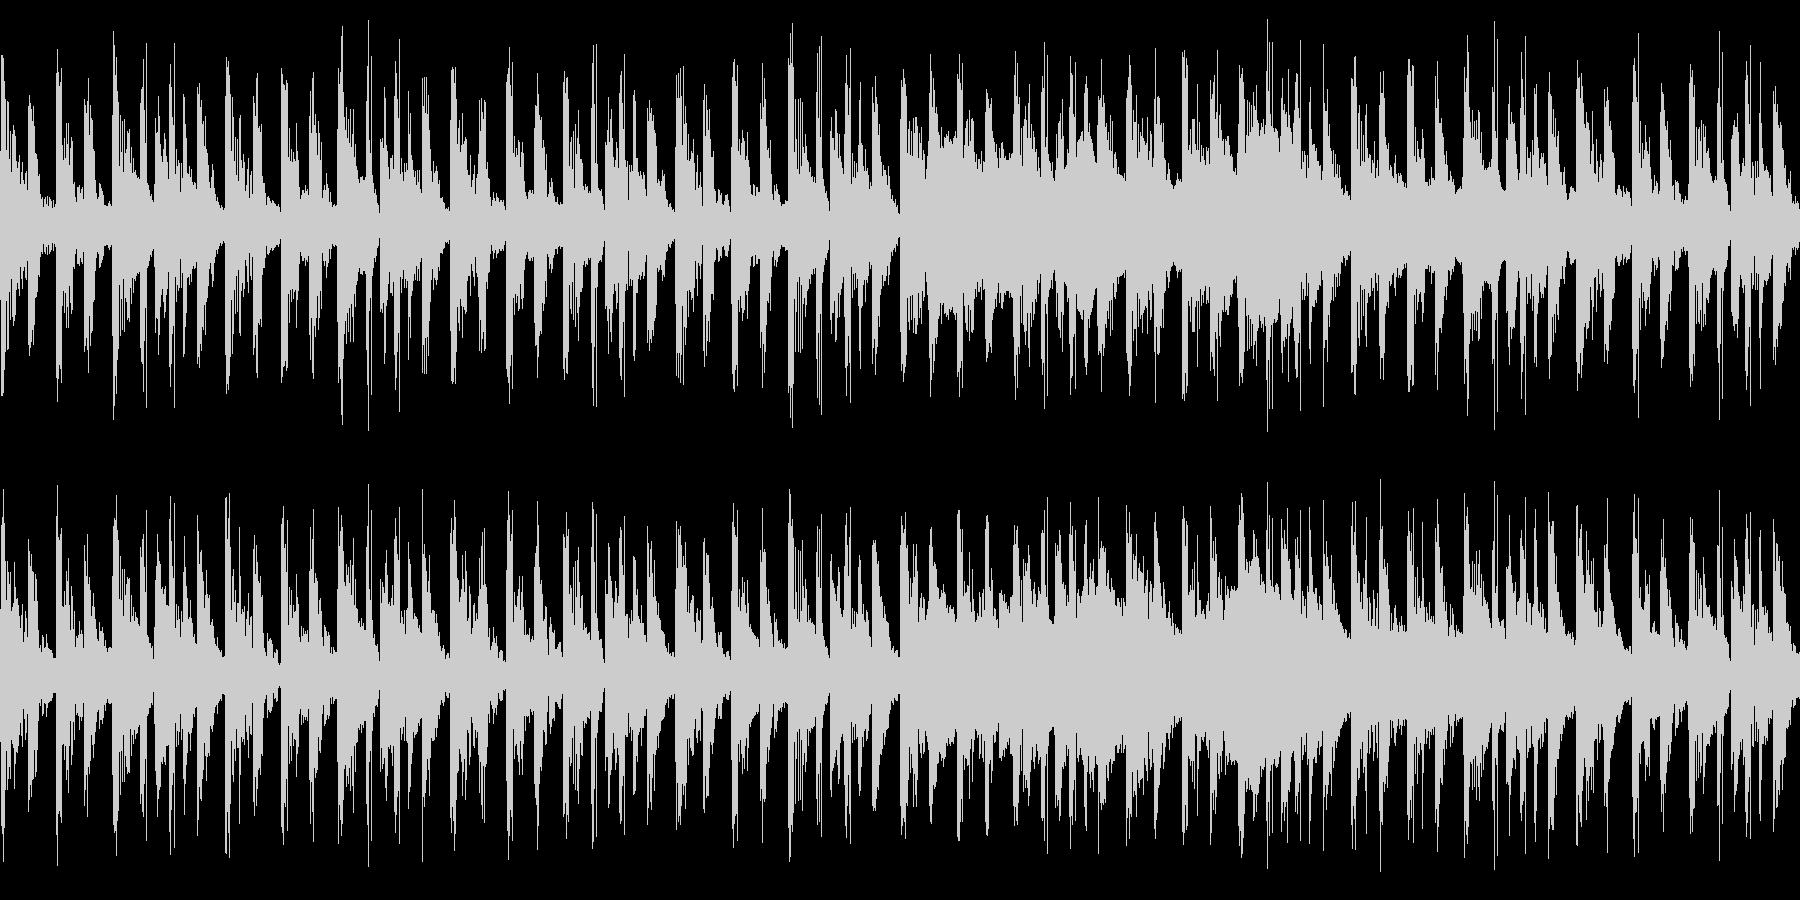 キャラ選択、システム画面など(ループ)2の未再生の波形